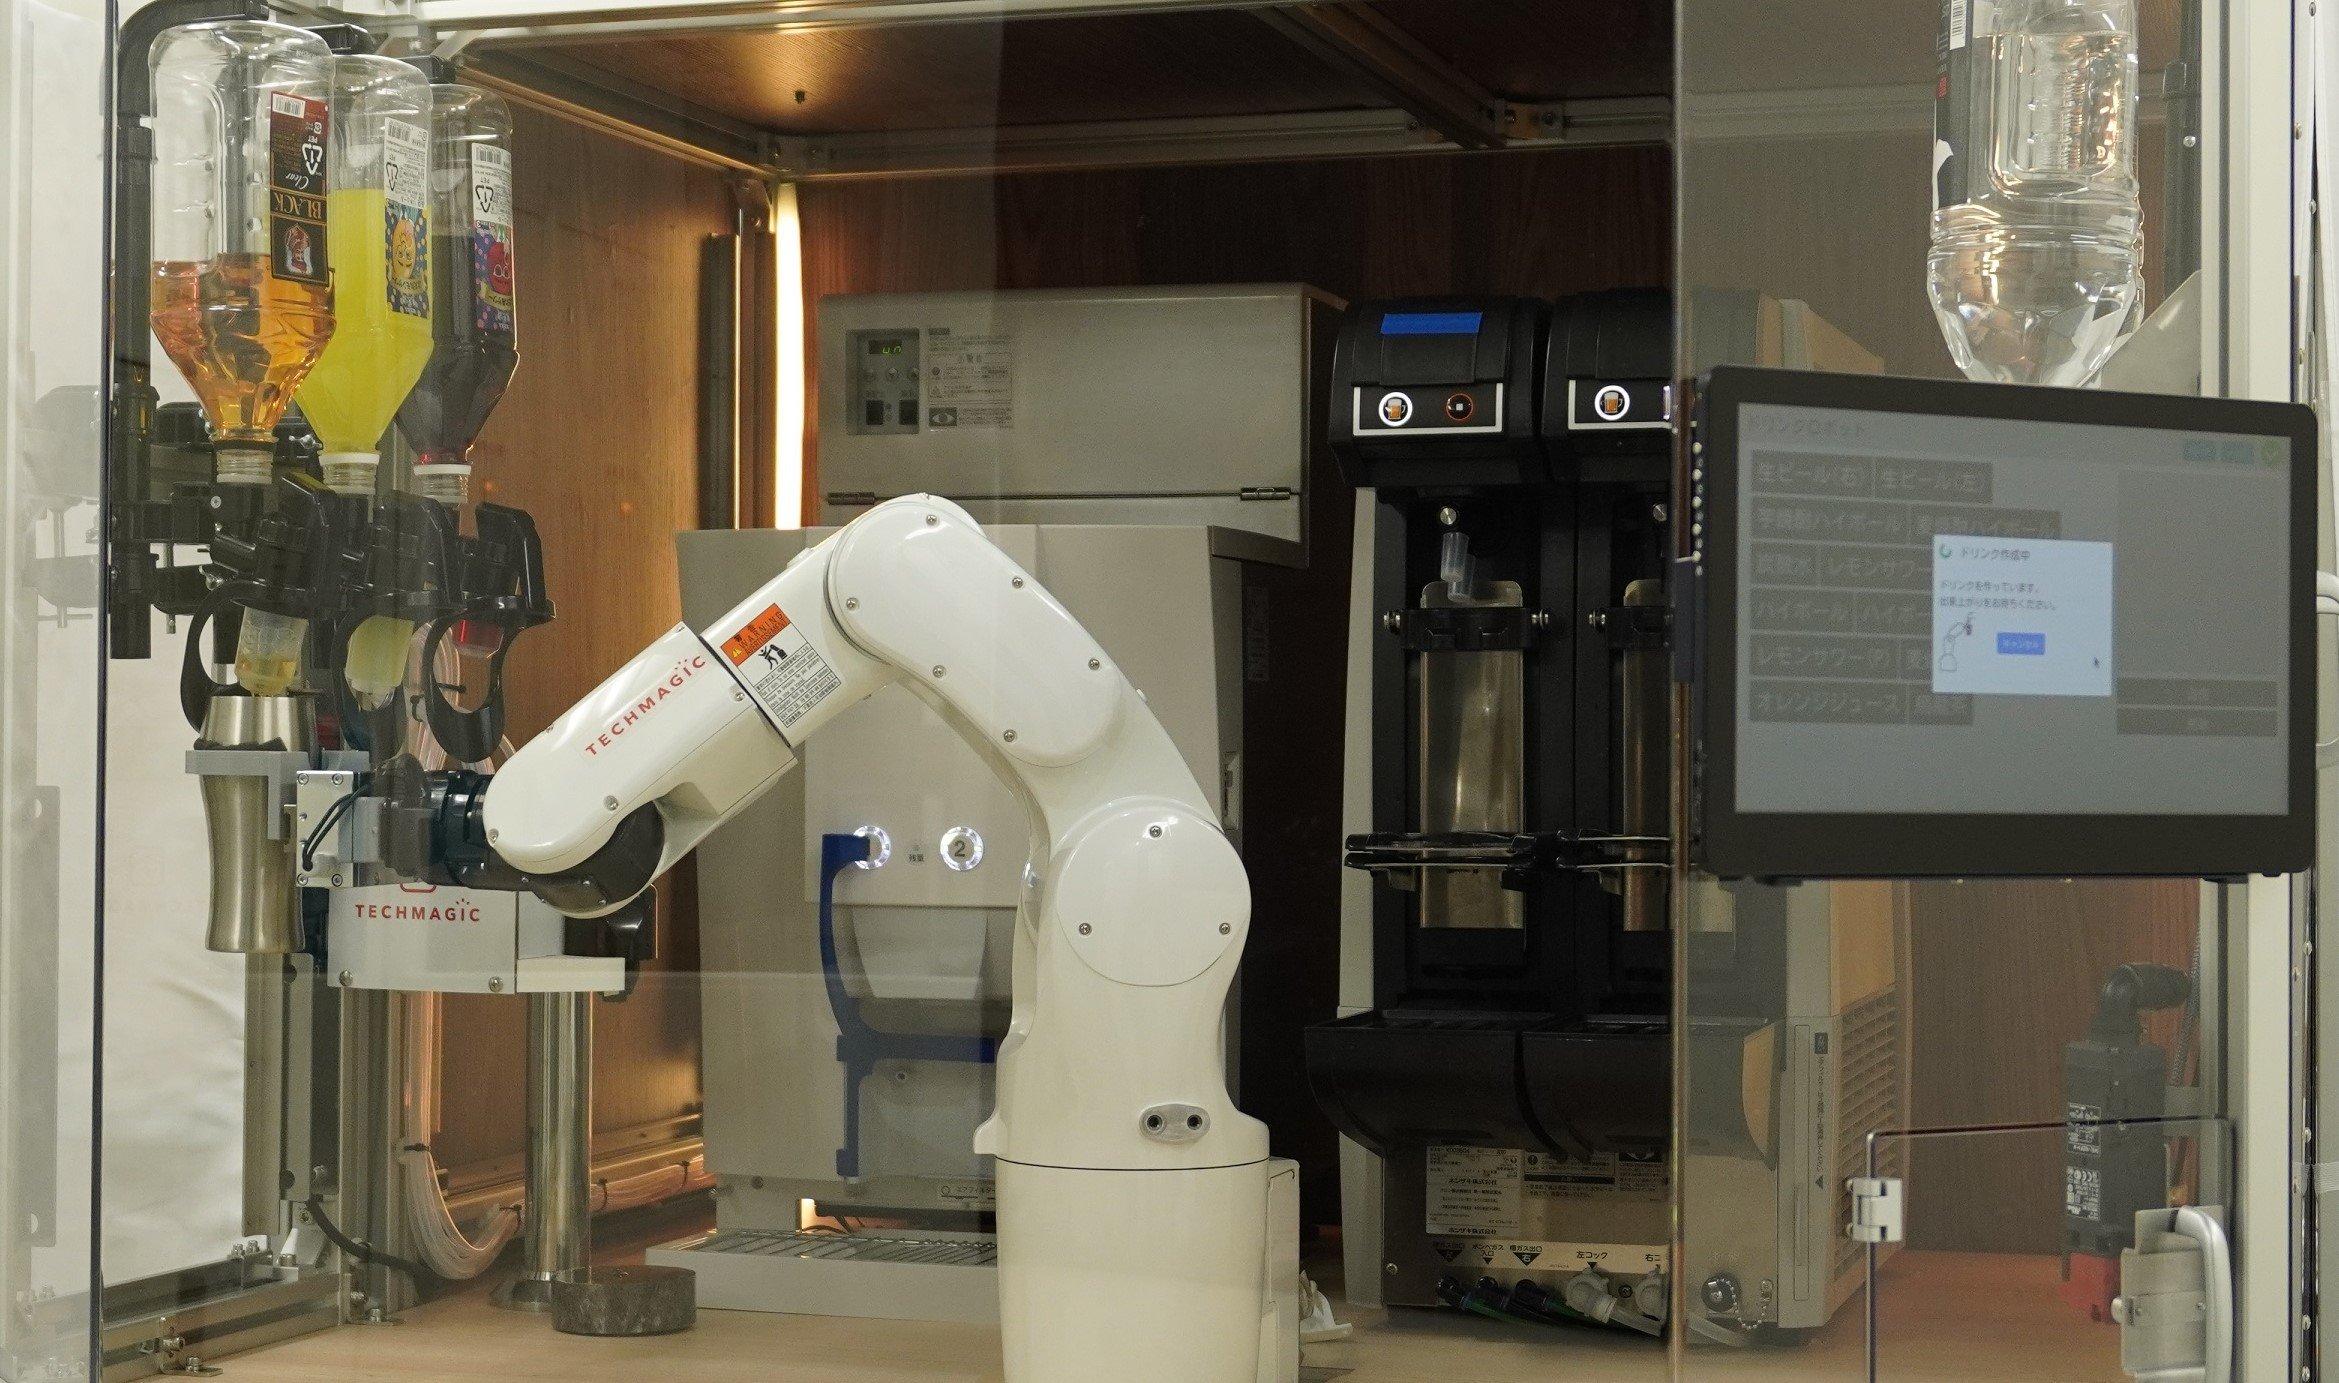 20210907ドリンクロボット_TechMagic.jpg